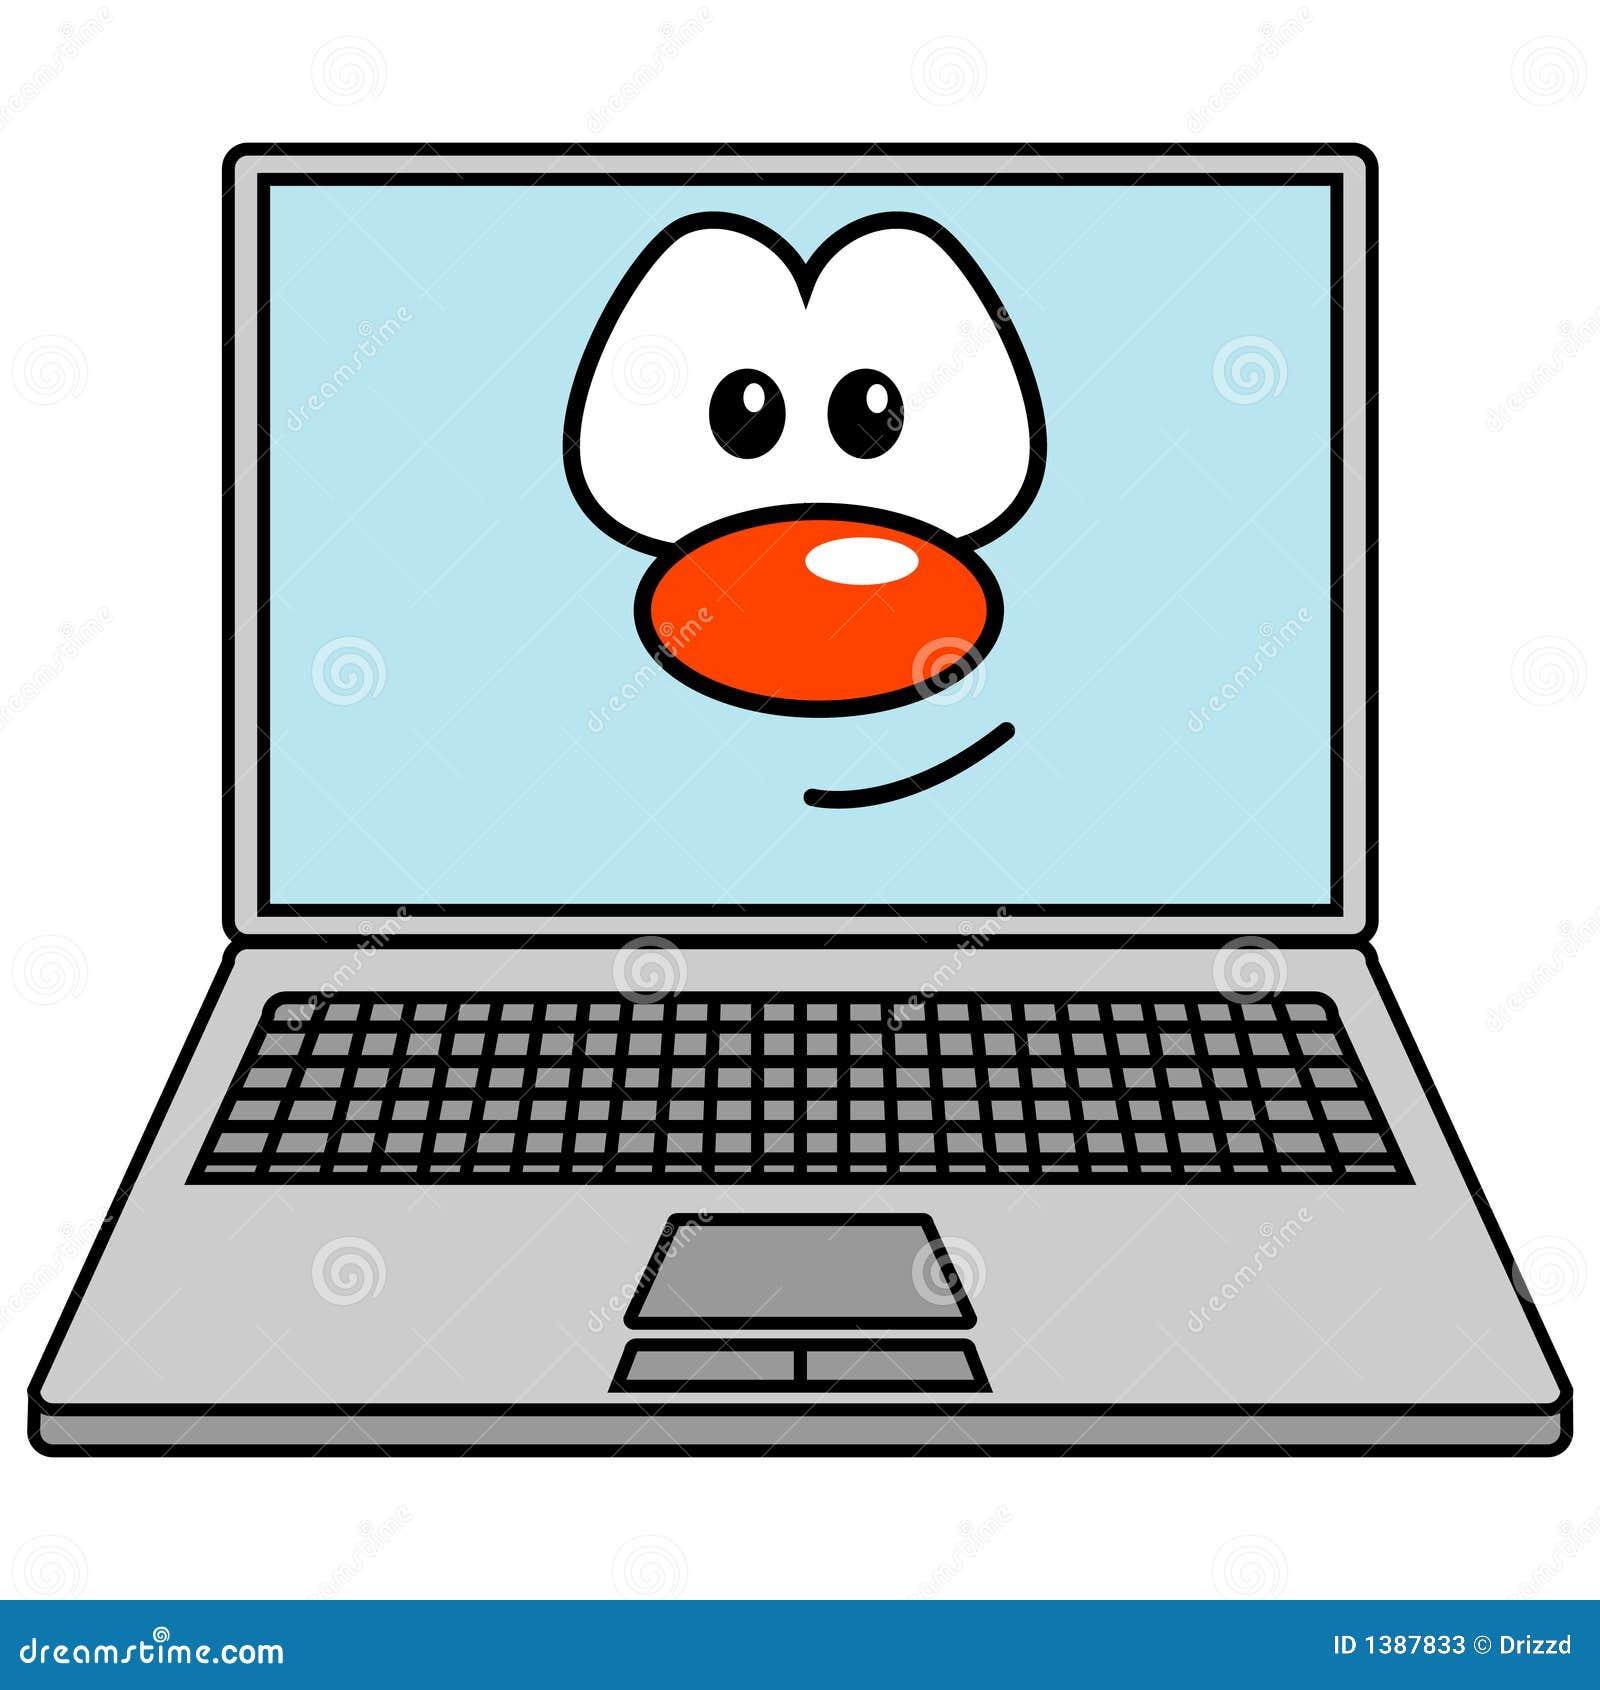 Laptop Stock Photos - Image: 1387833